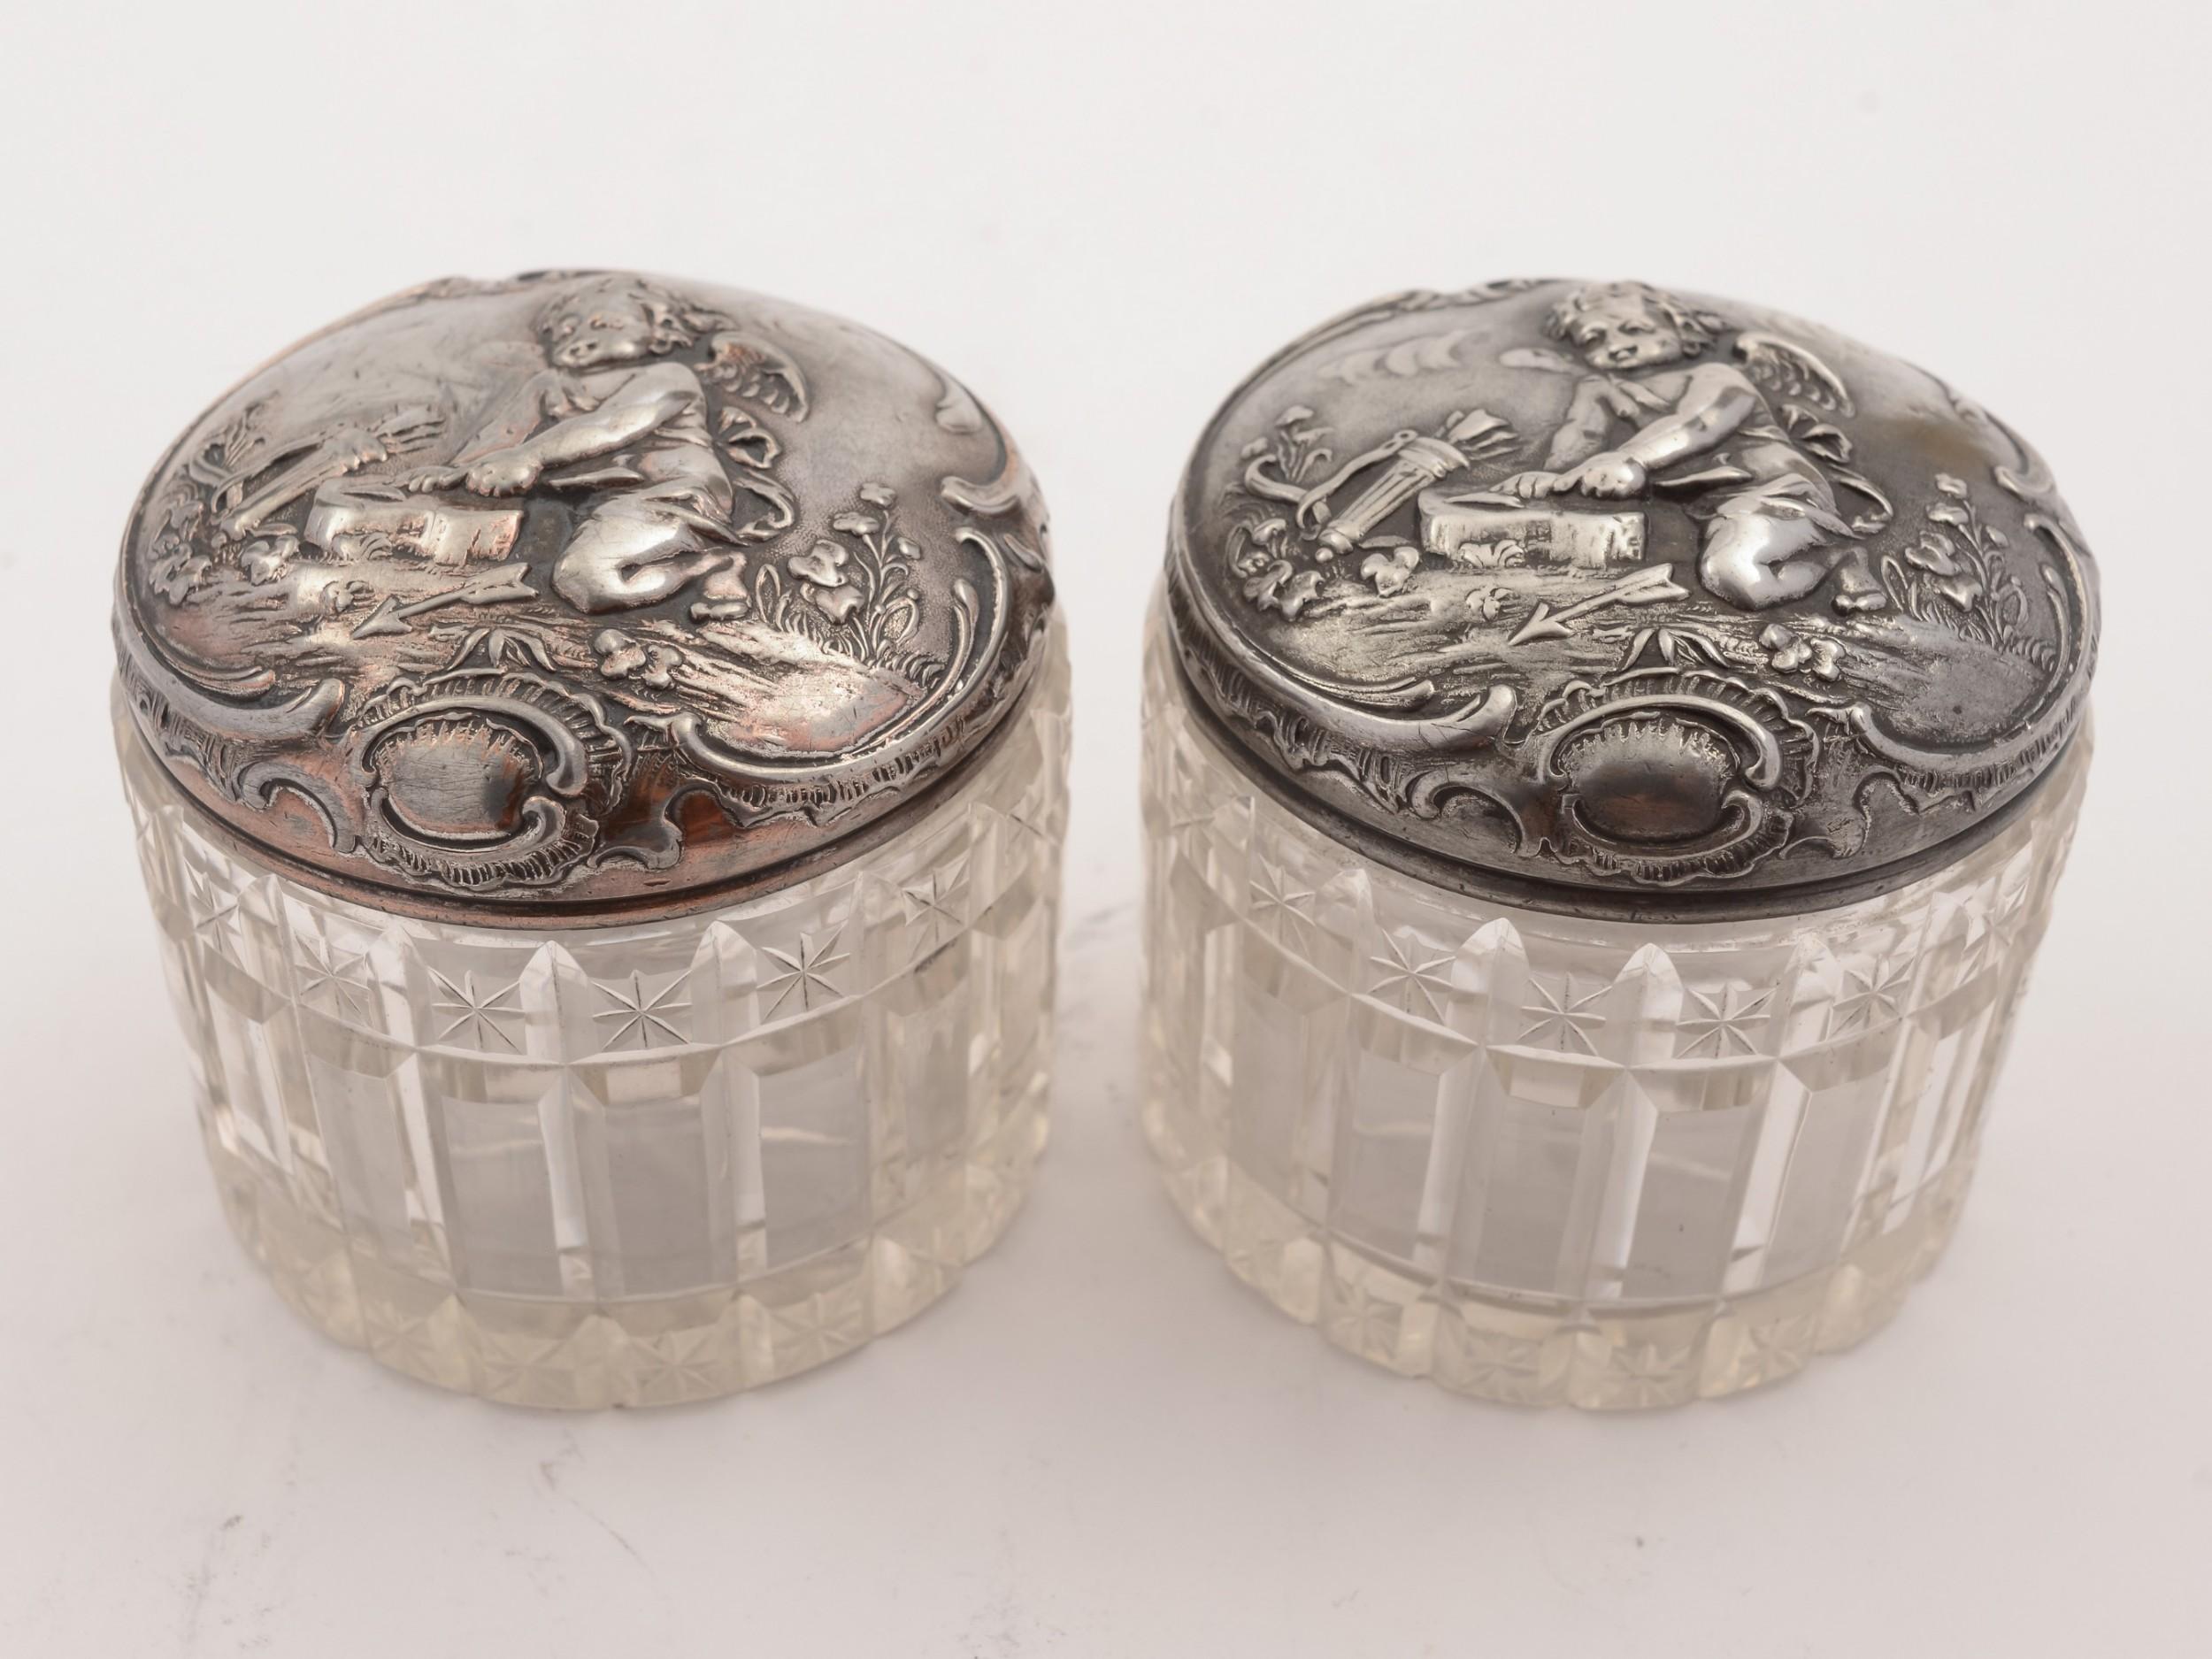 pair of german wmf pewter topped jars circa 1900